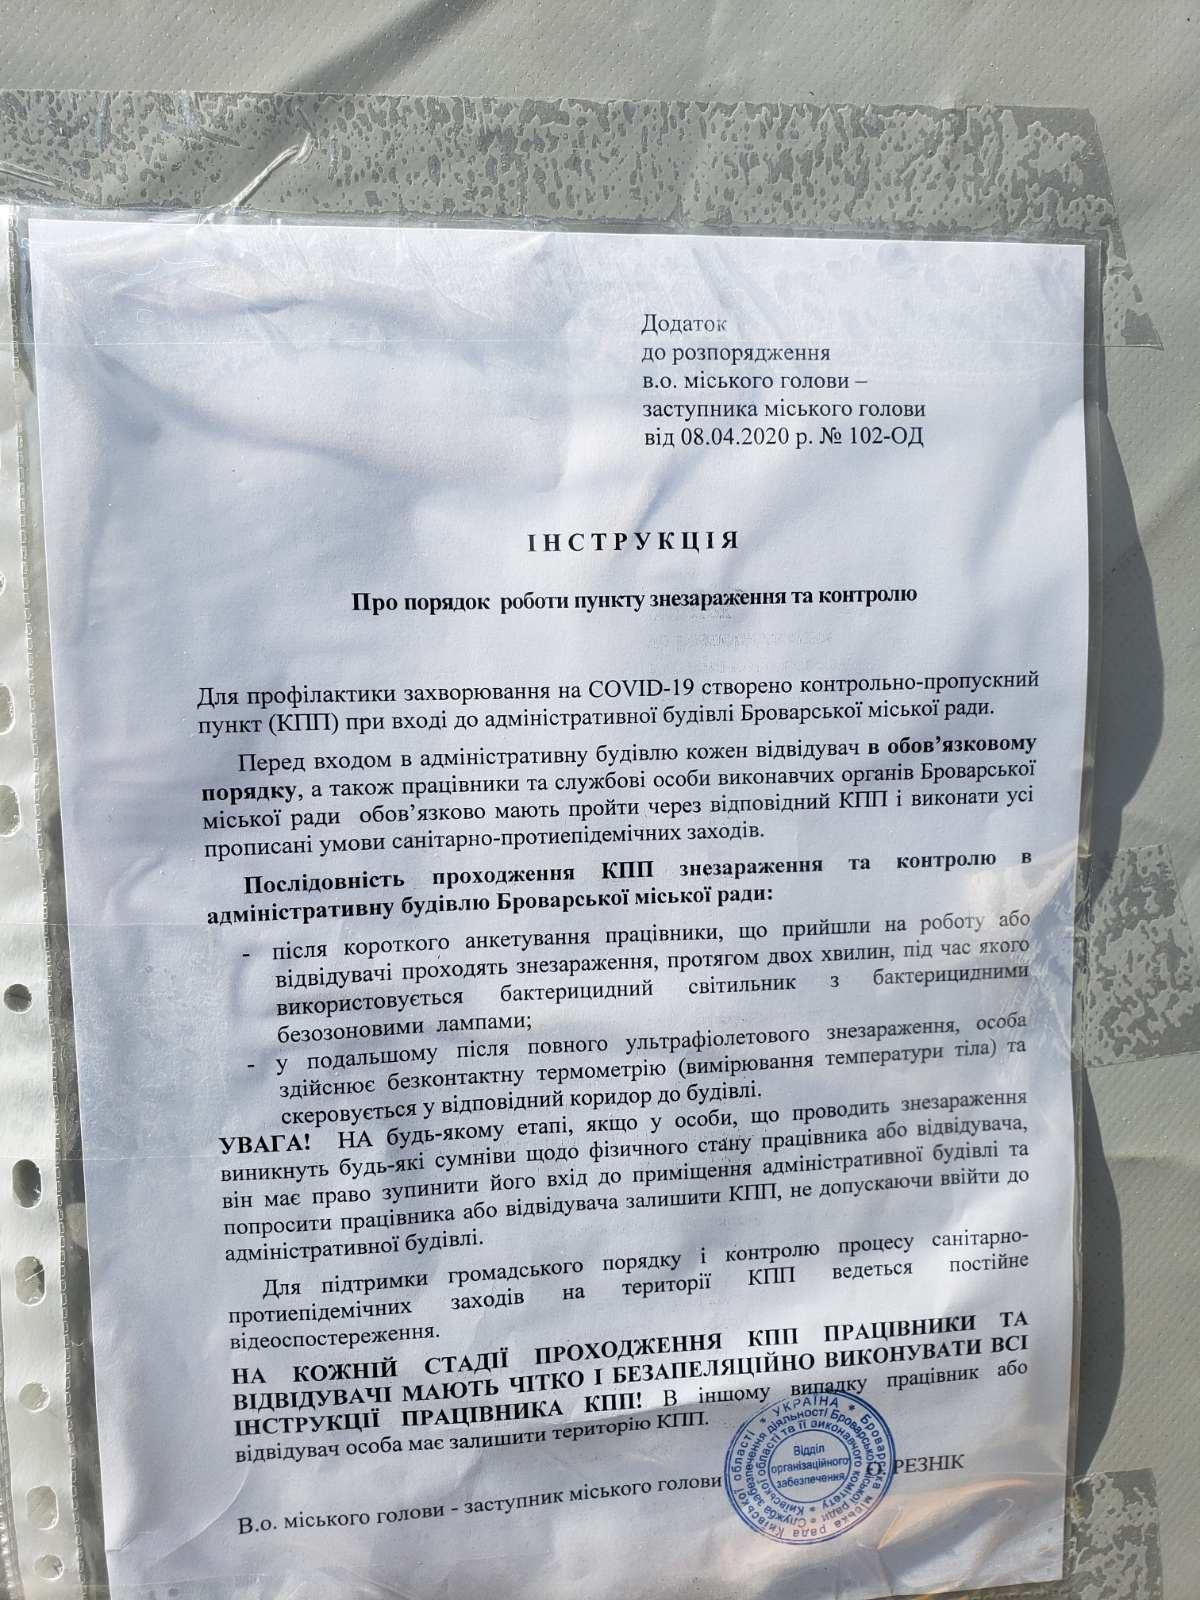 У Броварах на вході до міськради встановили спецпропускники -  - yzobrazhenye viber 2020 04 10 09 17 22